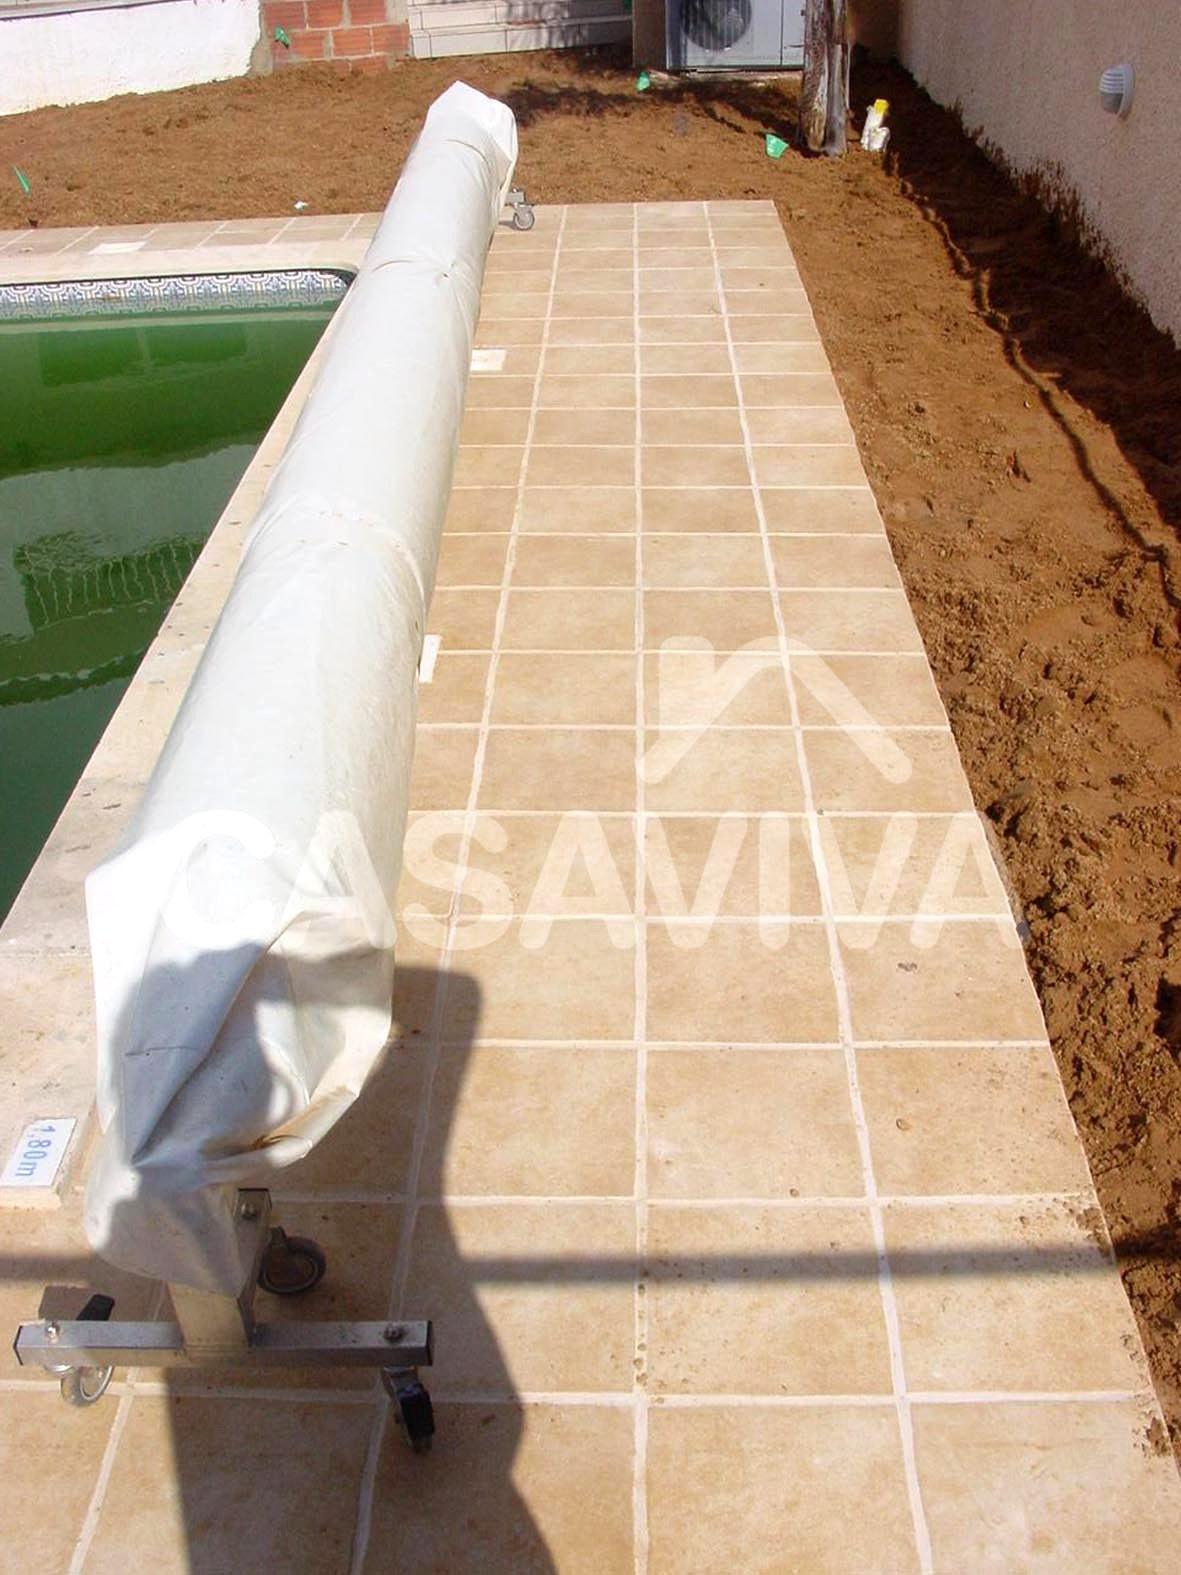 Protecção em tela para cobertura da piscina.